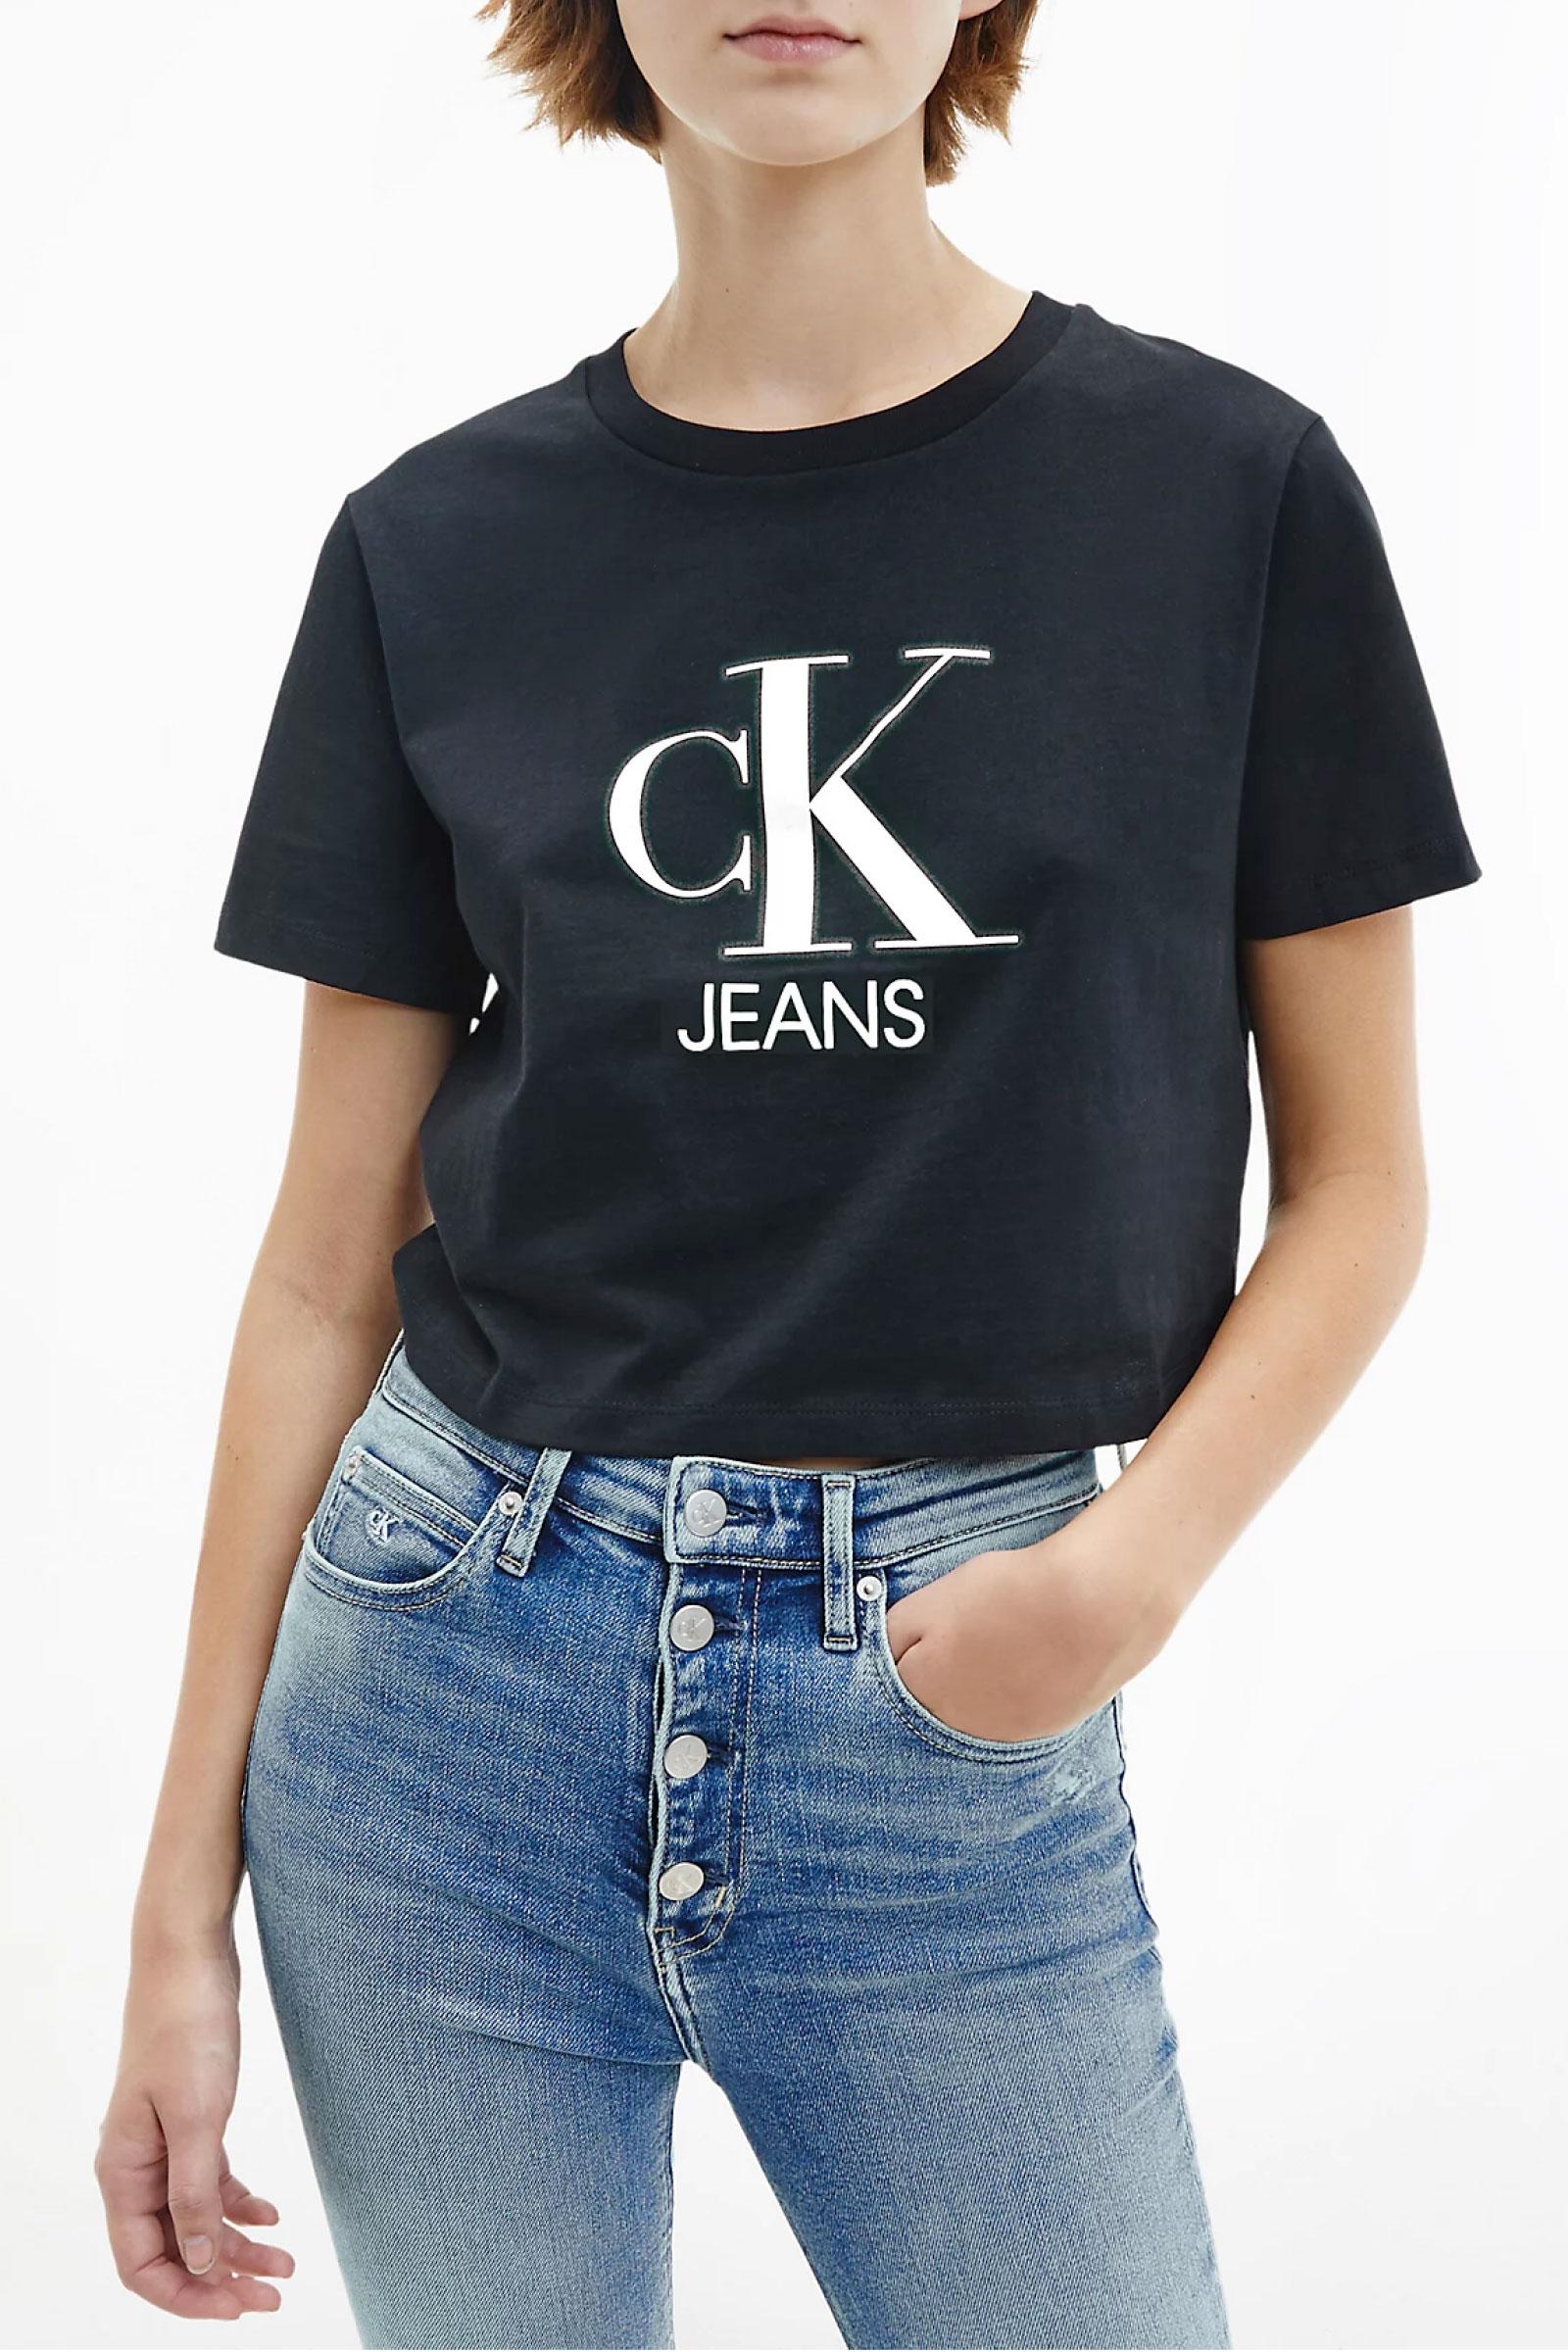 CALVIN KLEIN JEANS T-Shirt Donna CALVIN KLEIN JEANS | T-Shirt | J20J215312BEH